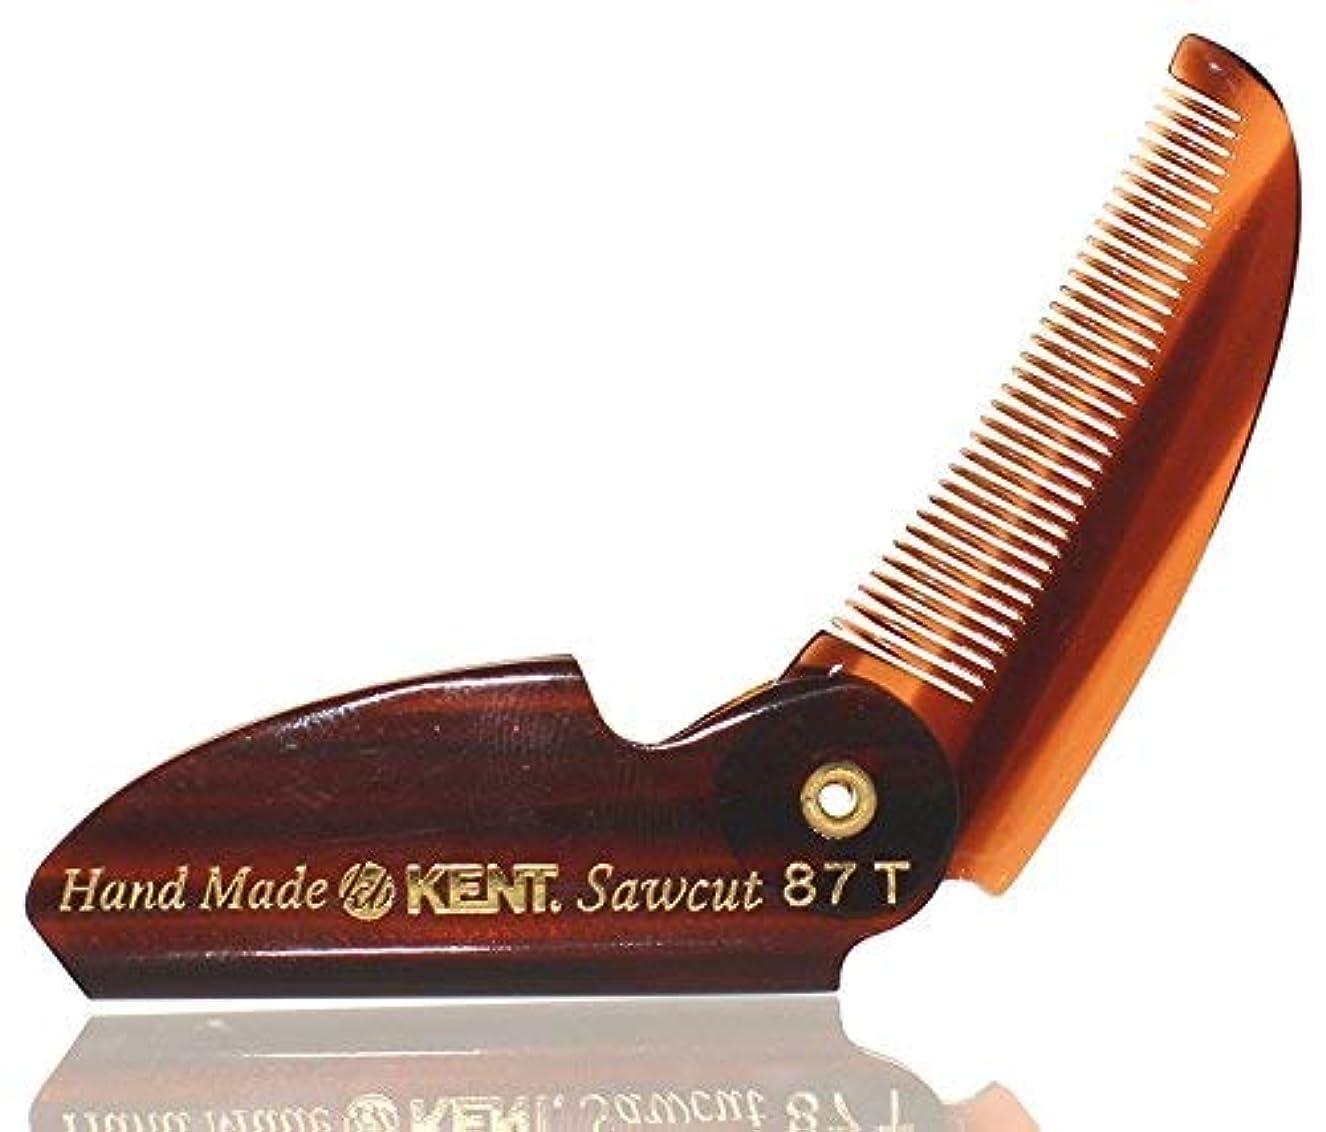 変更可能引き金受け入れたBRAND NEW LIMITED EDITION KENT 87T FOLDING BEARD & MUSTACHE COMB by KENT COMBS (2 Pack) [並行輸入品]